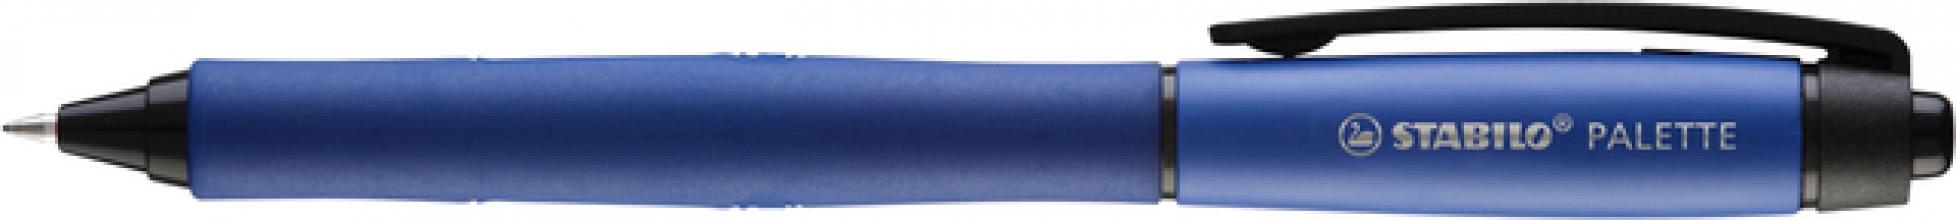 , Stabilo palette blauw